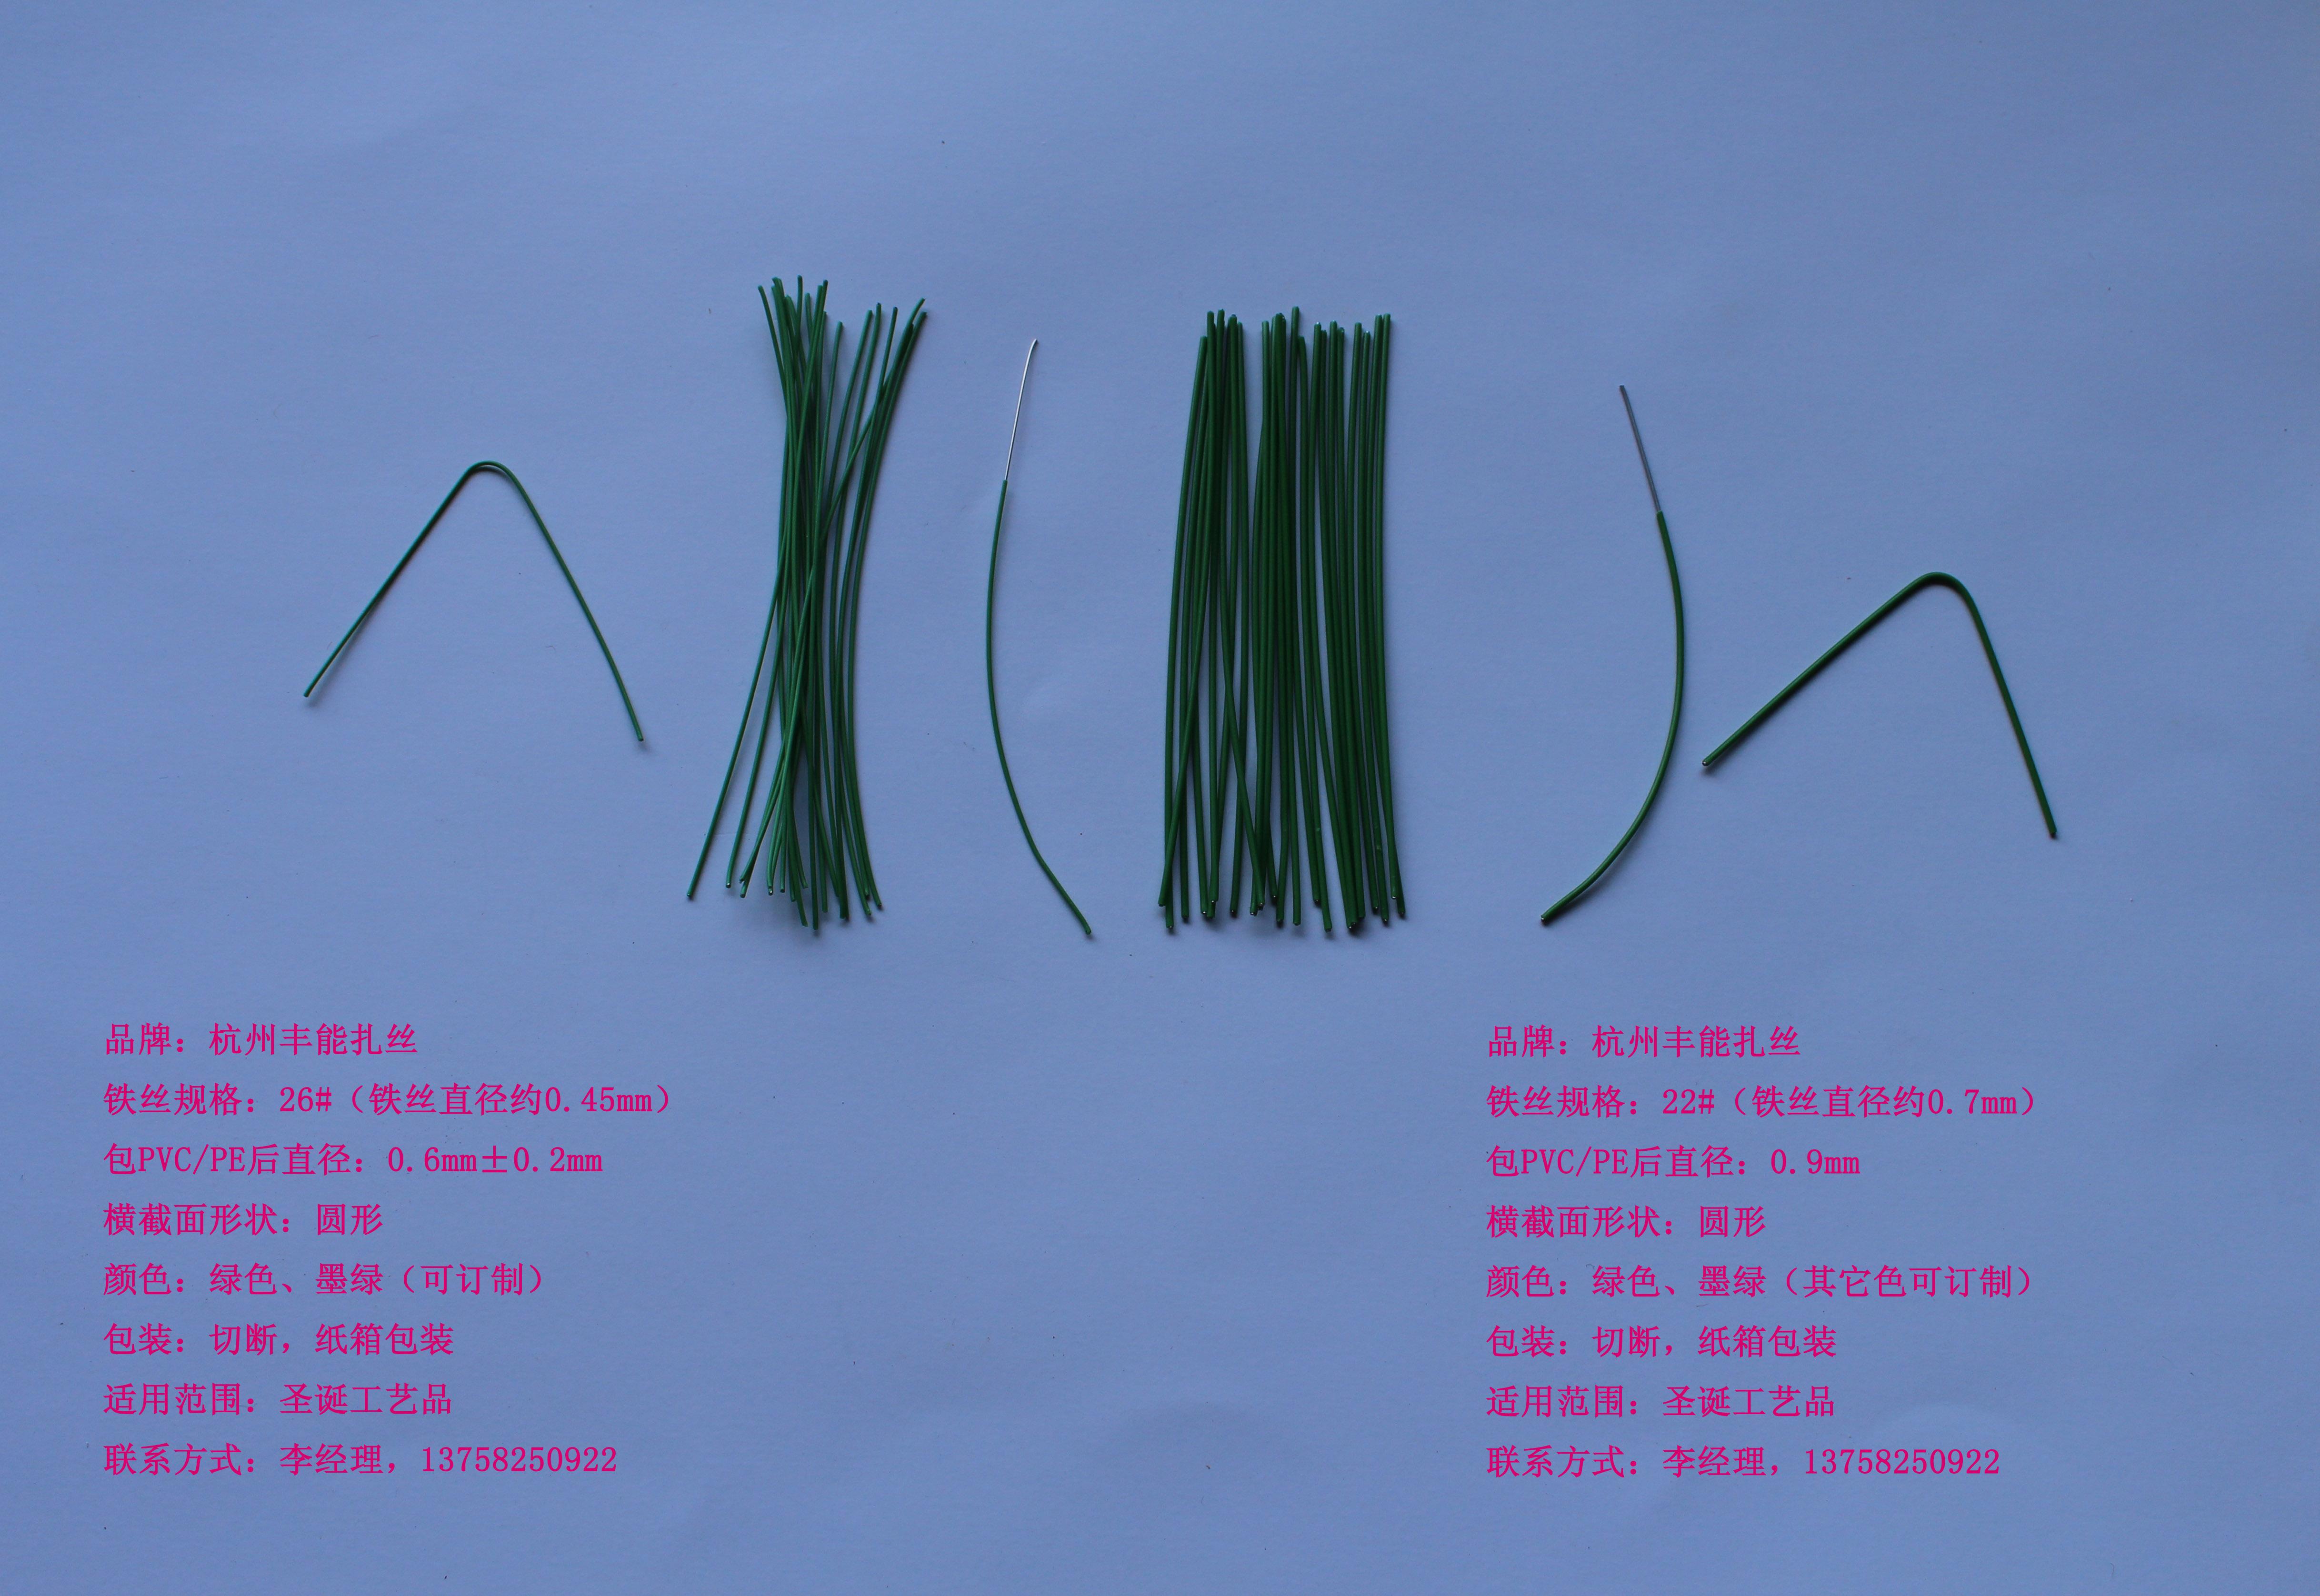 扎铁丝方法图解